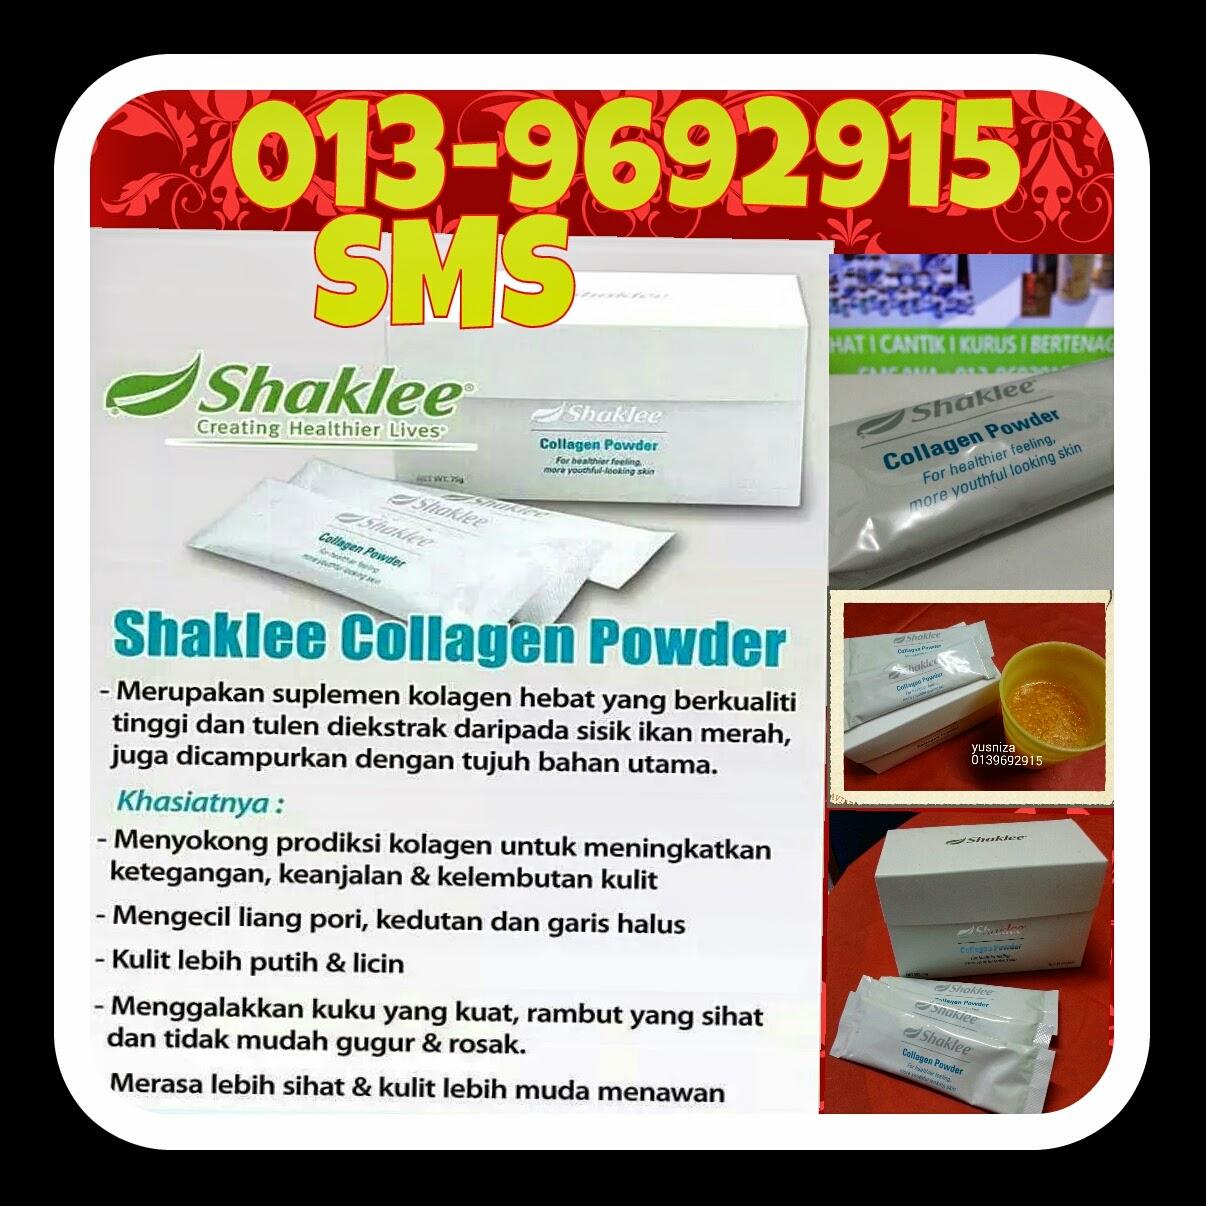 Kolagen Shaklee memang sesuai untuk lelaki dan wanita yang mementingkan kesihatan dalaman dan luaran.